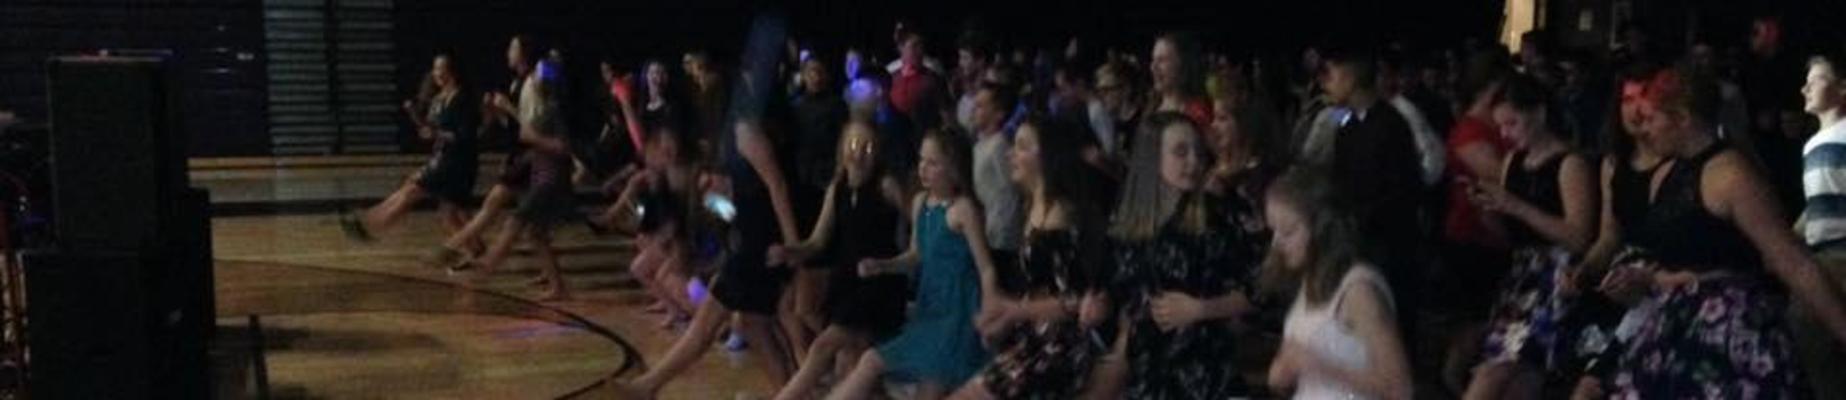 MS Dance